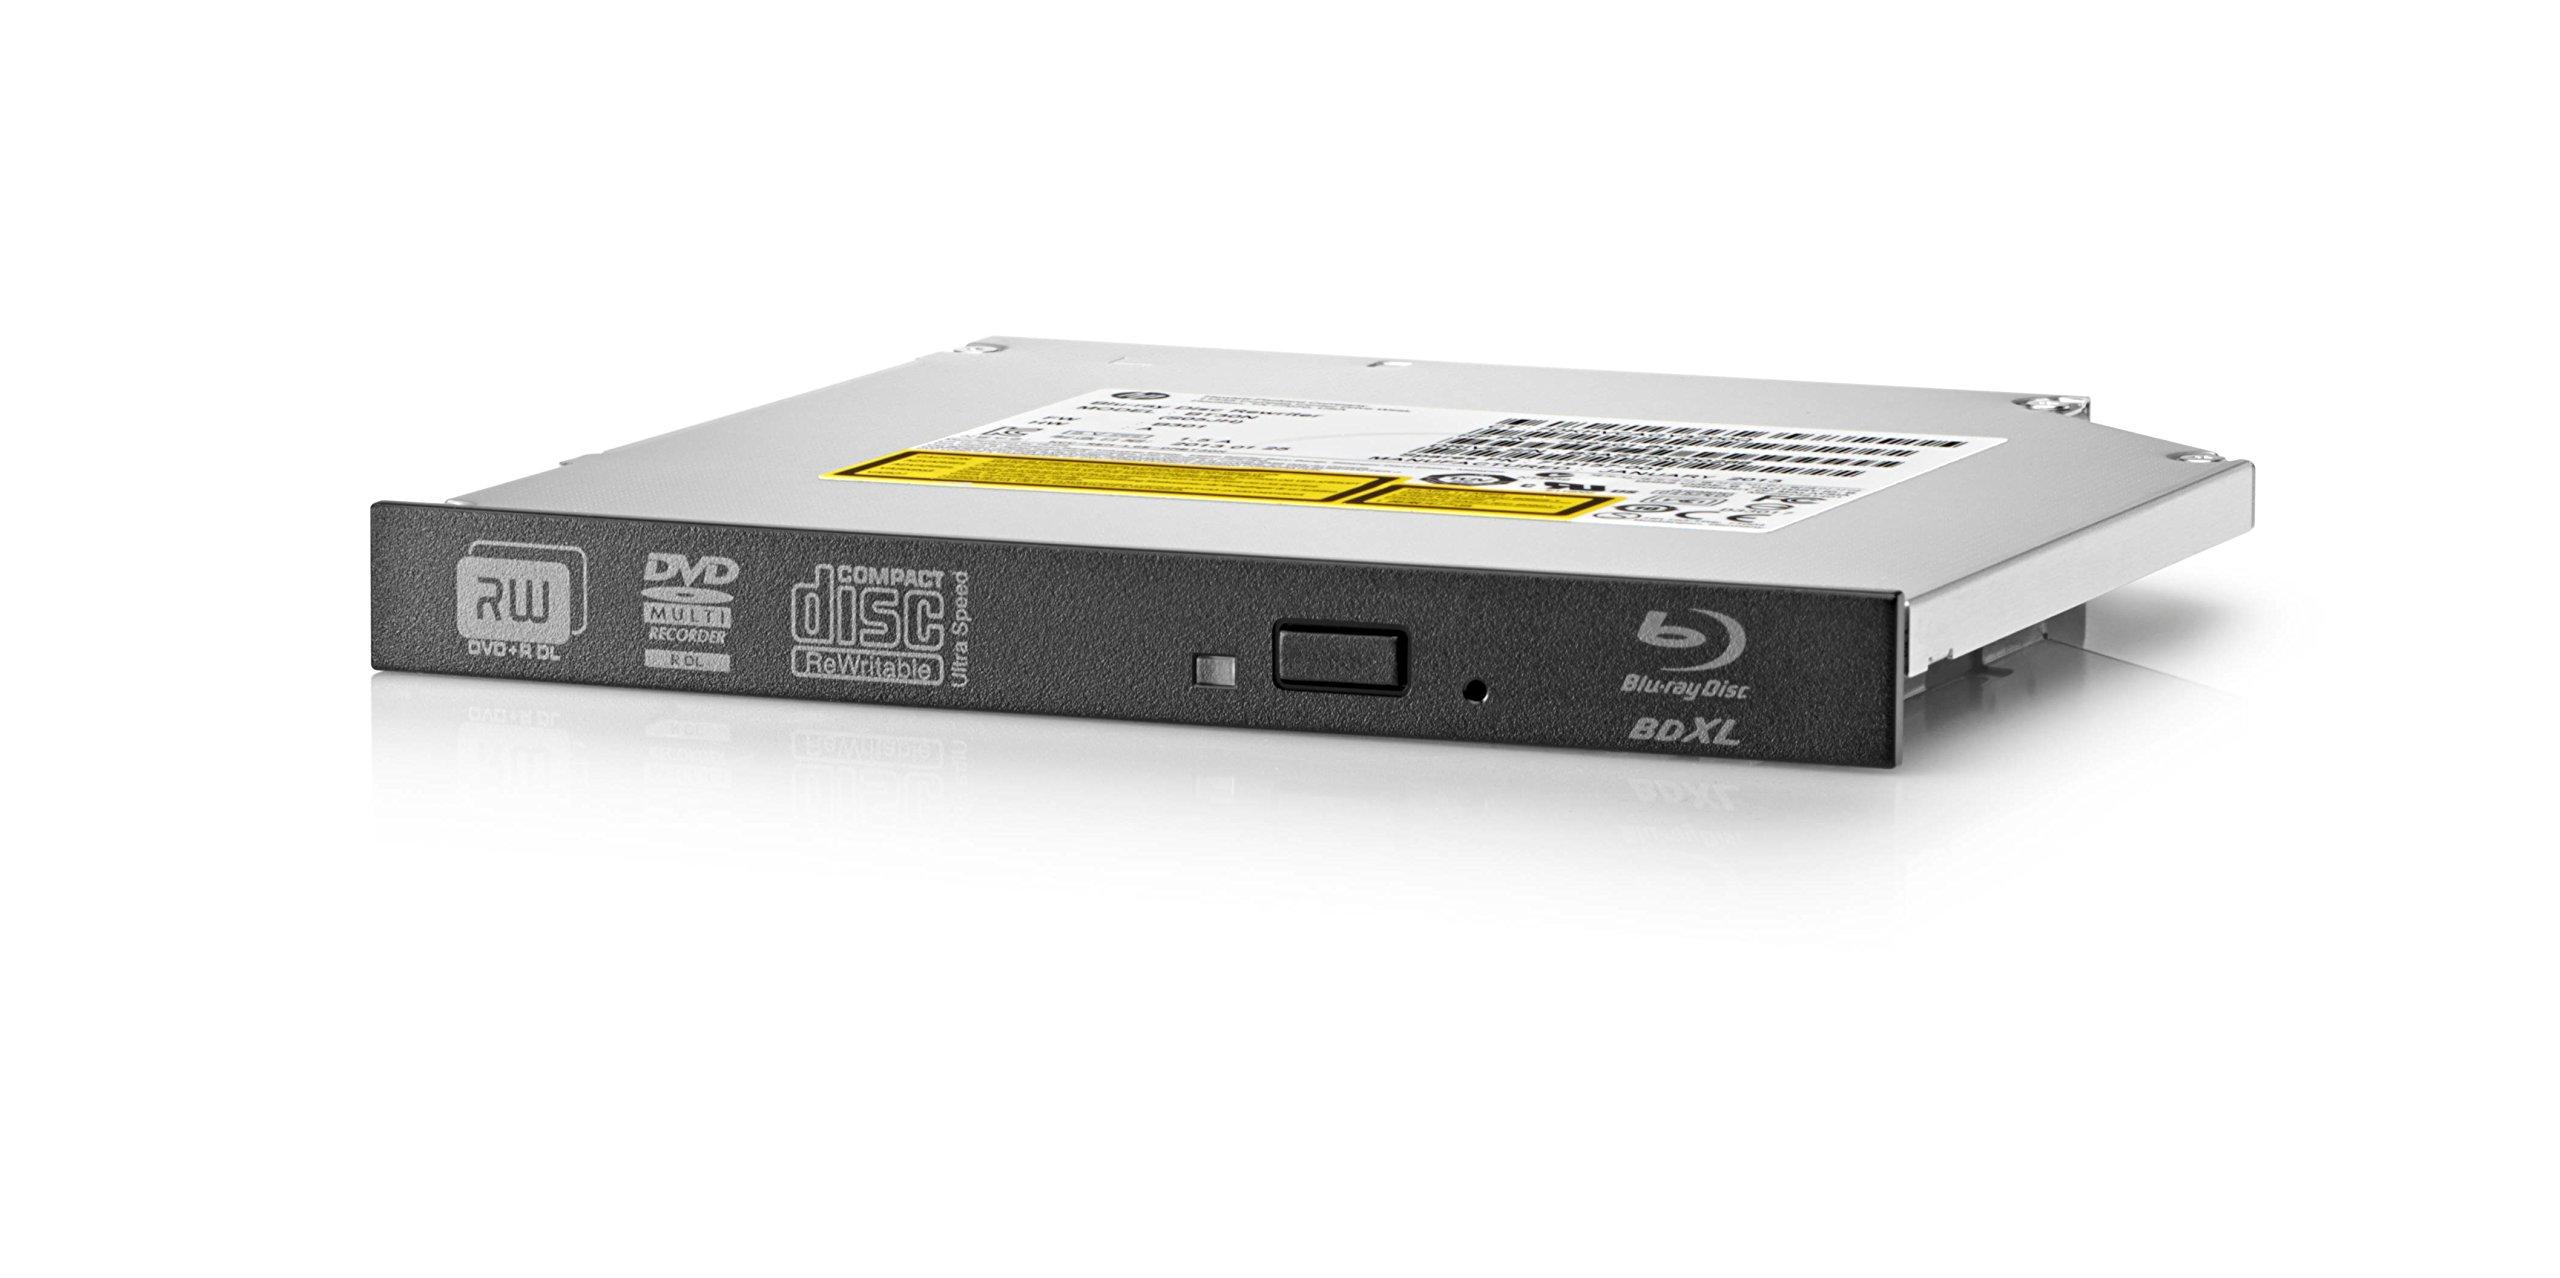 HP K3R65AA Disk Drive - BDXL Writer - Internal